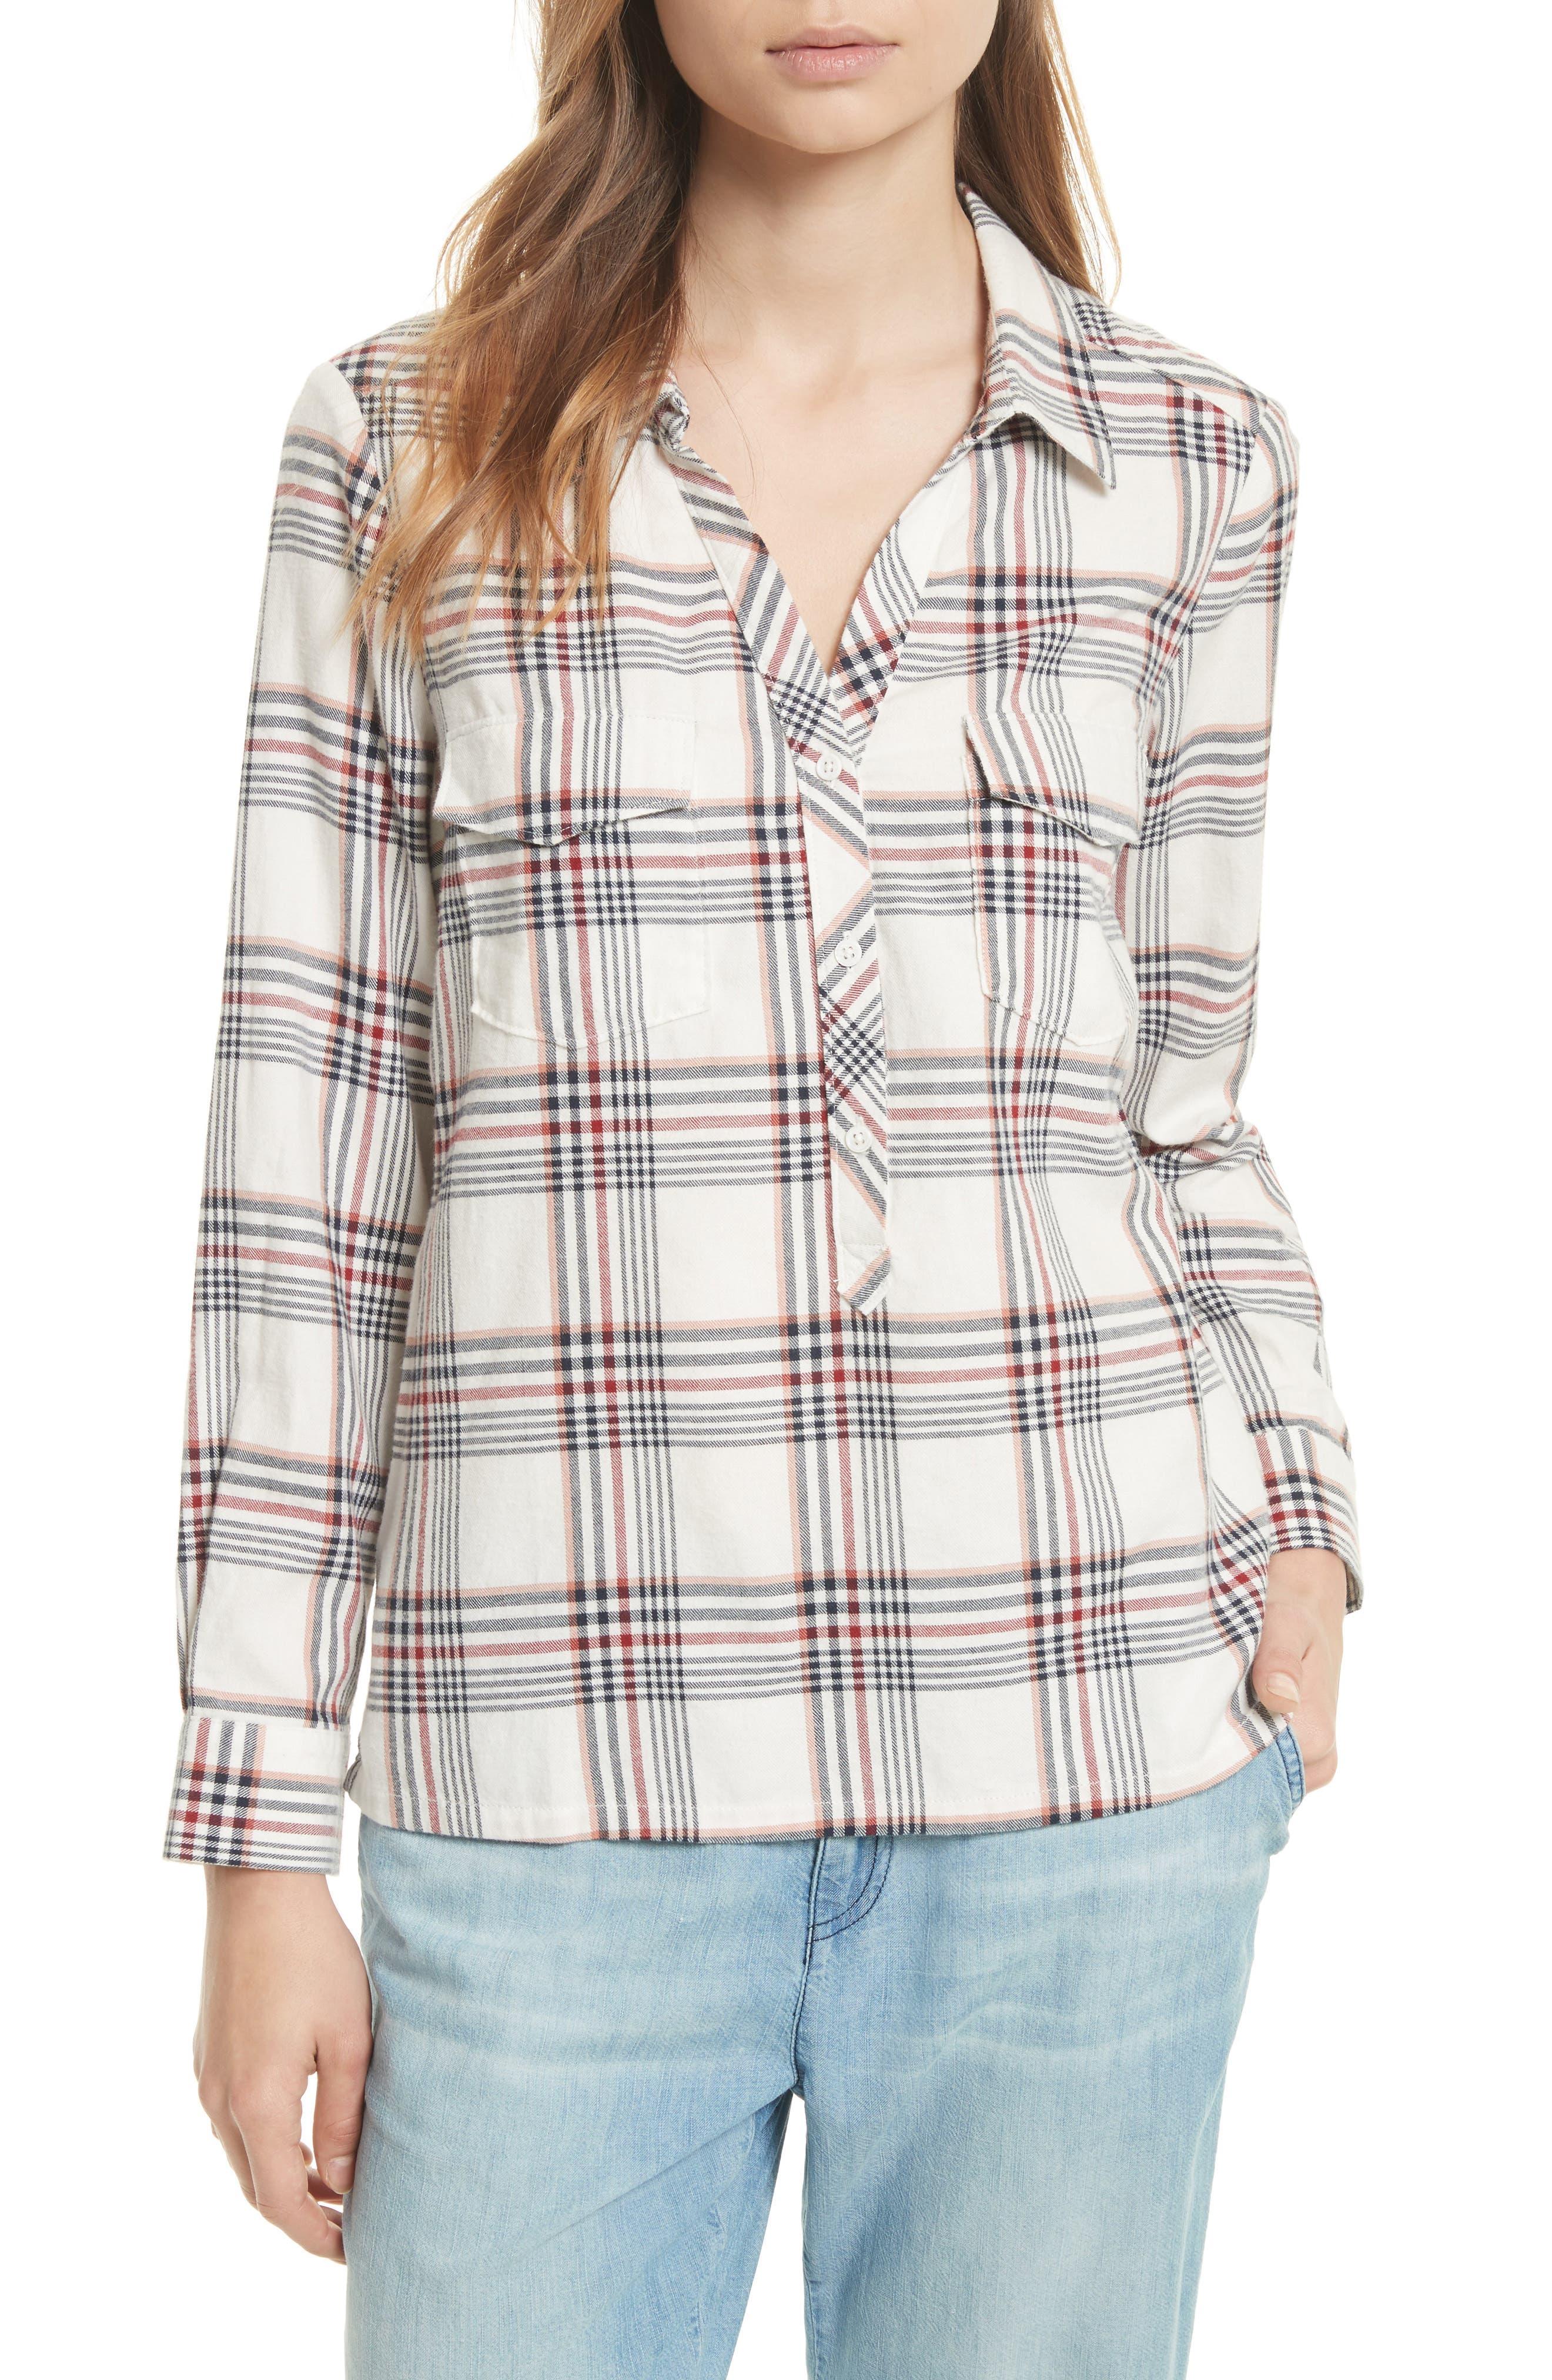 Soft Joie Antolina Plaid Cotton Top